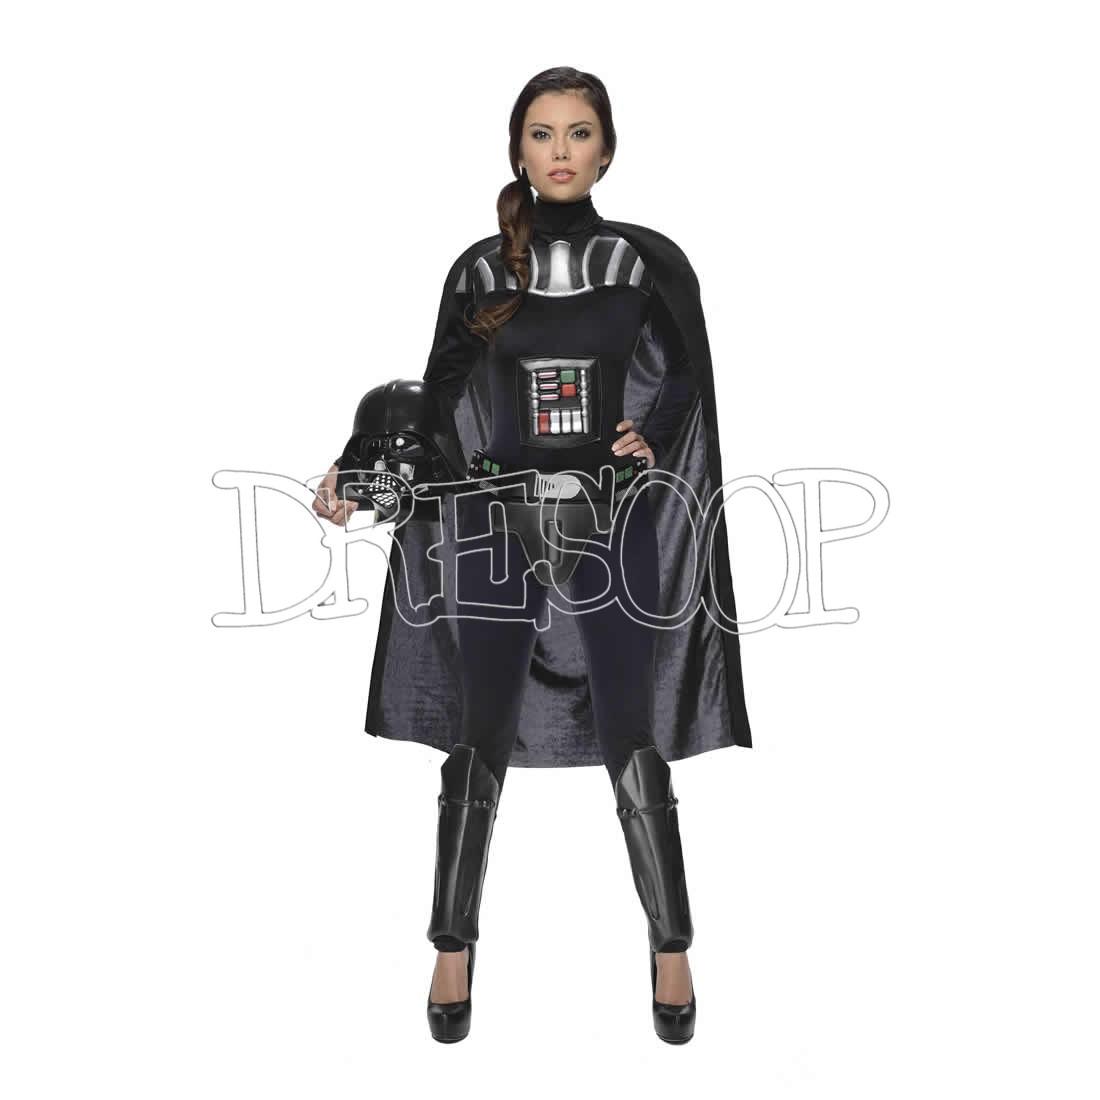 Disfraz Darth Vader para mujer